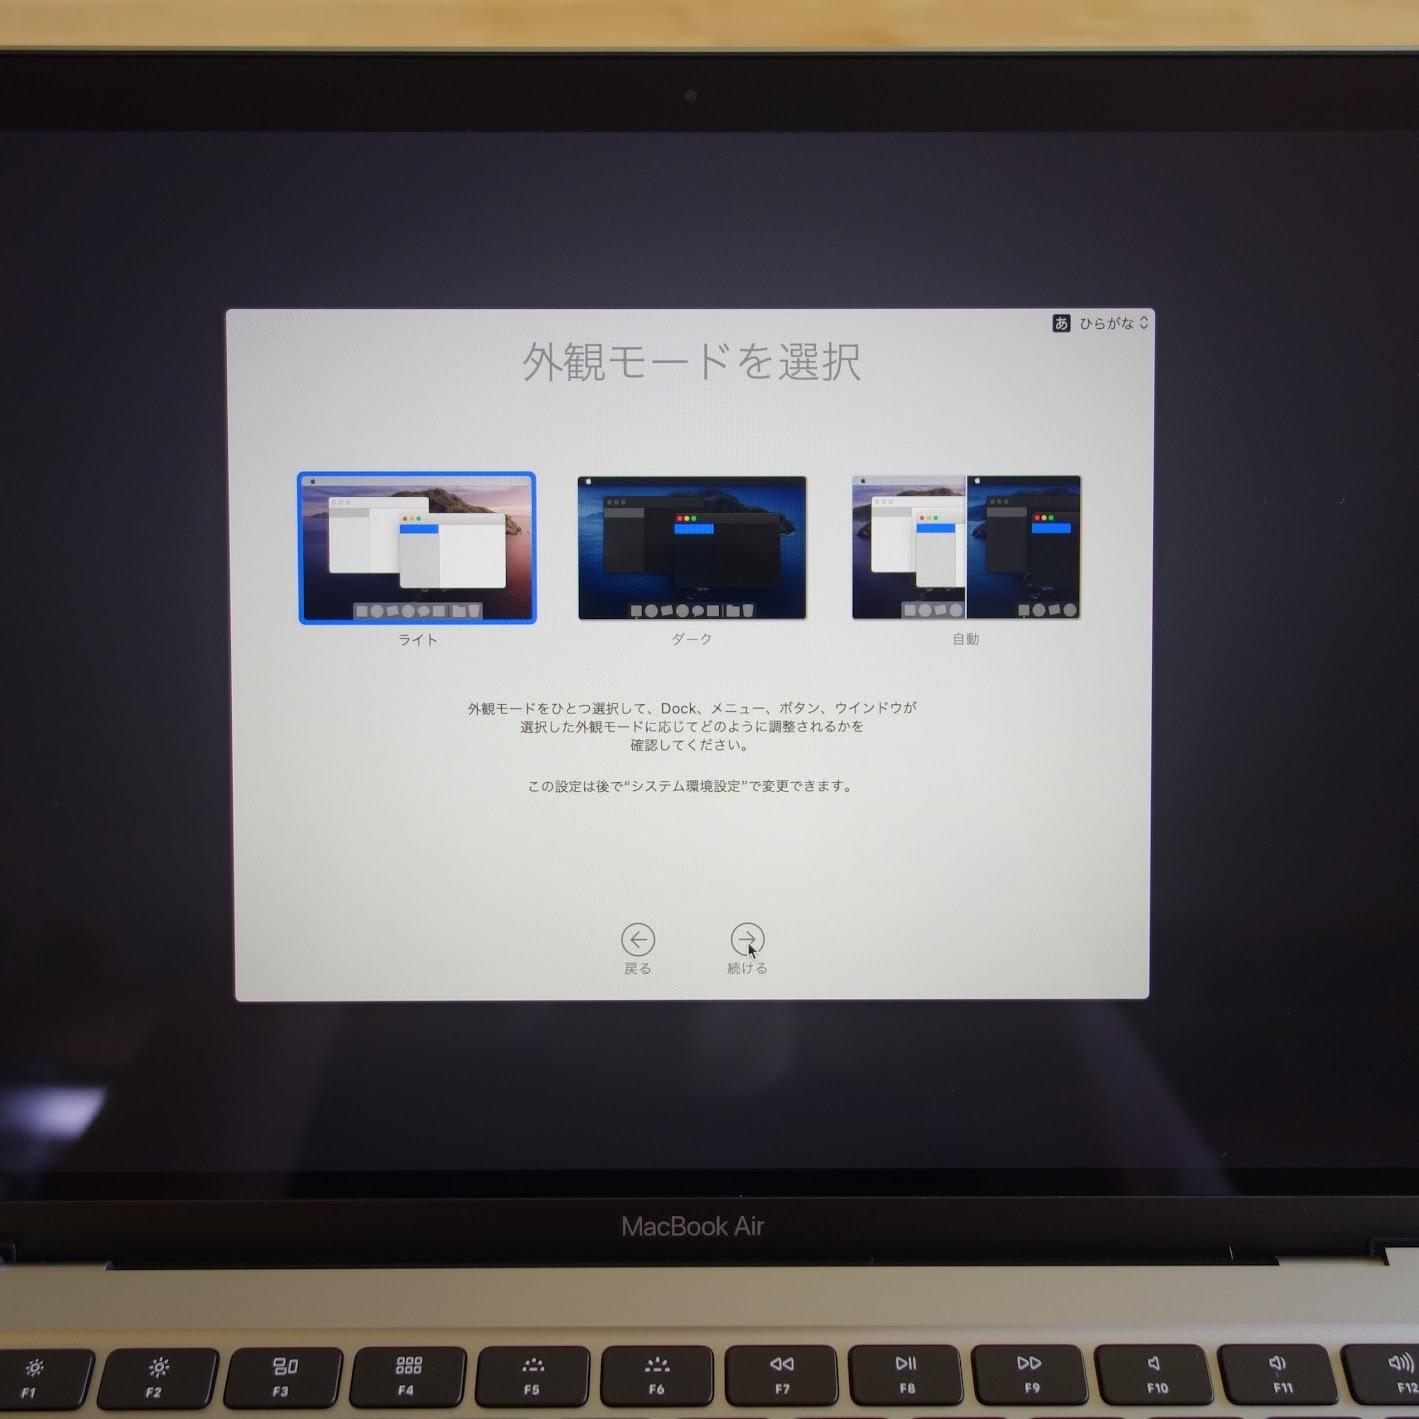 MacBook Air外観モード選択